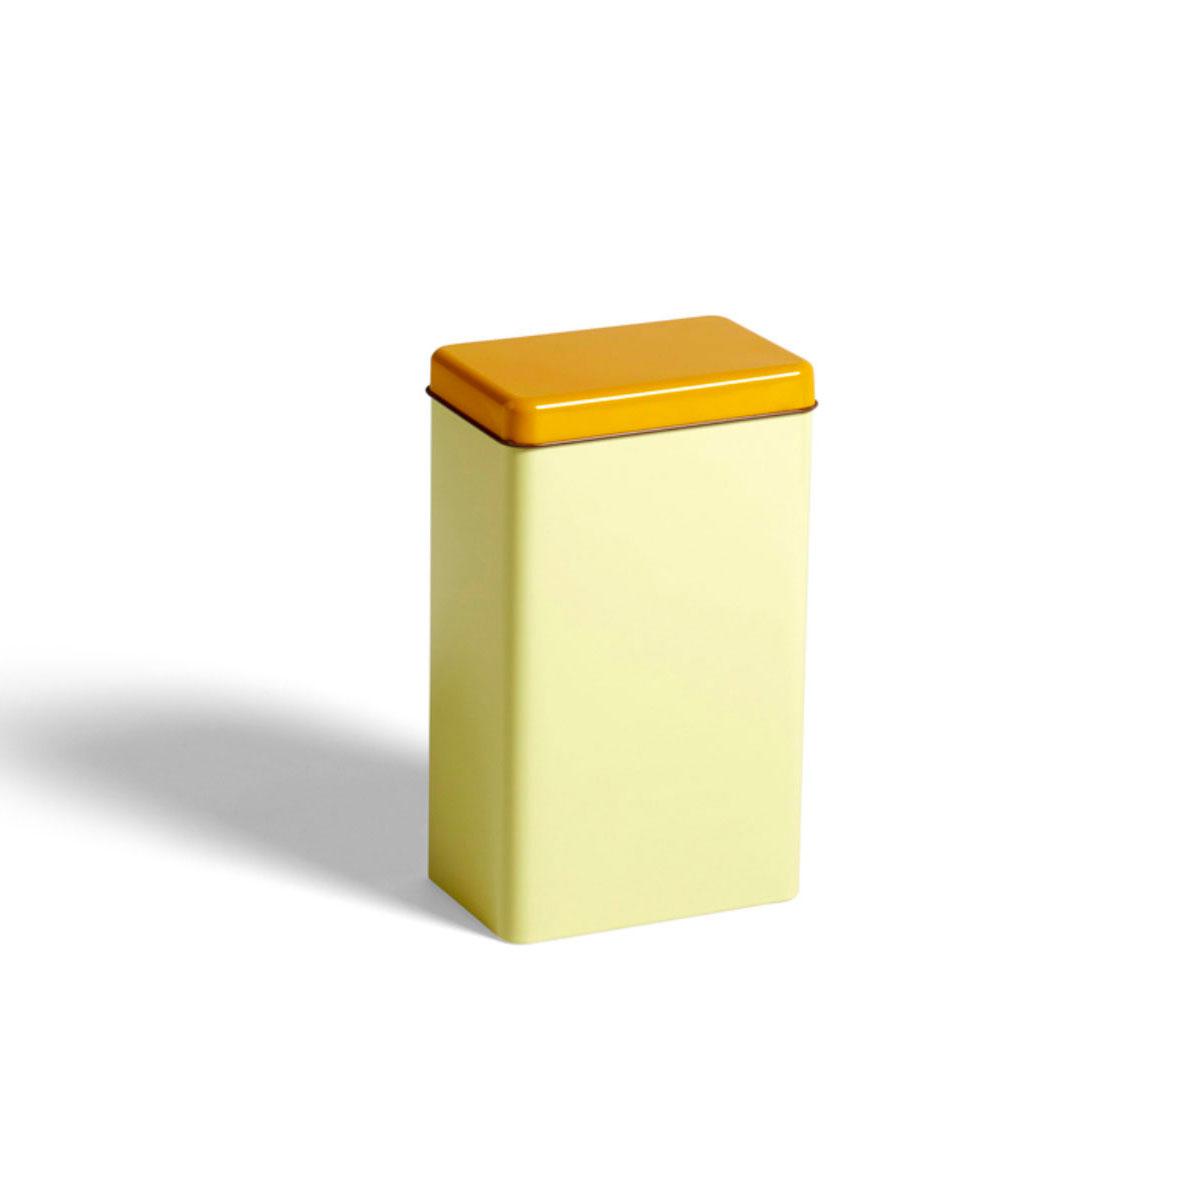 Boite TIN SOWDEN jaune